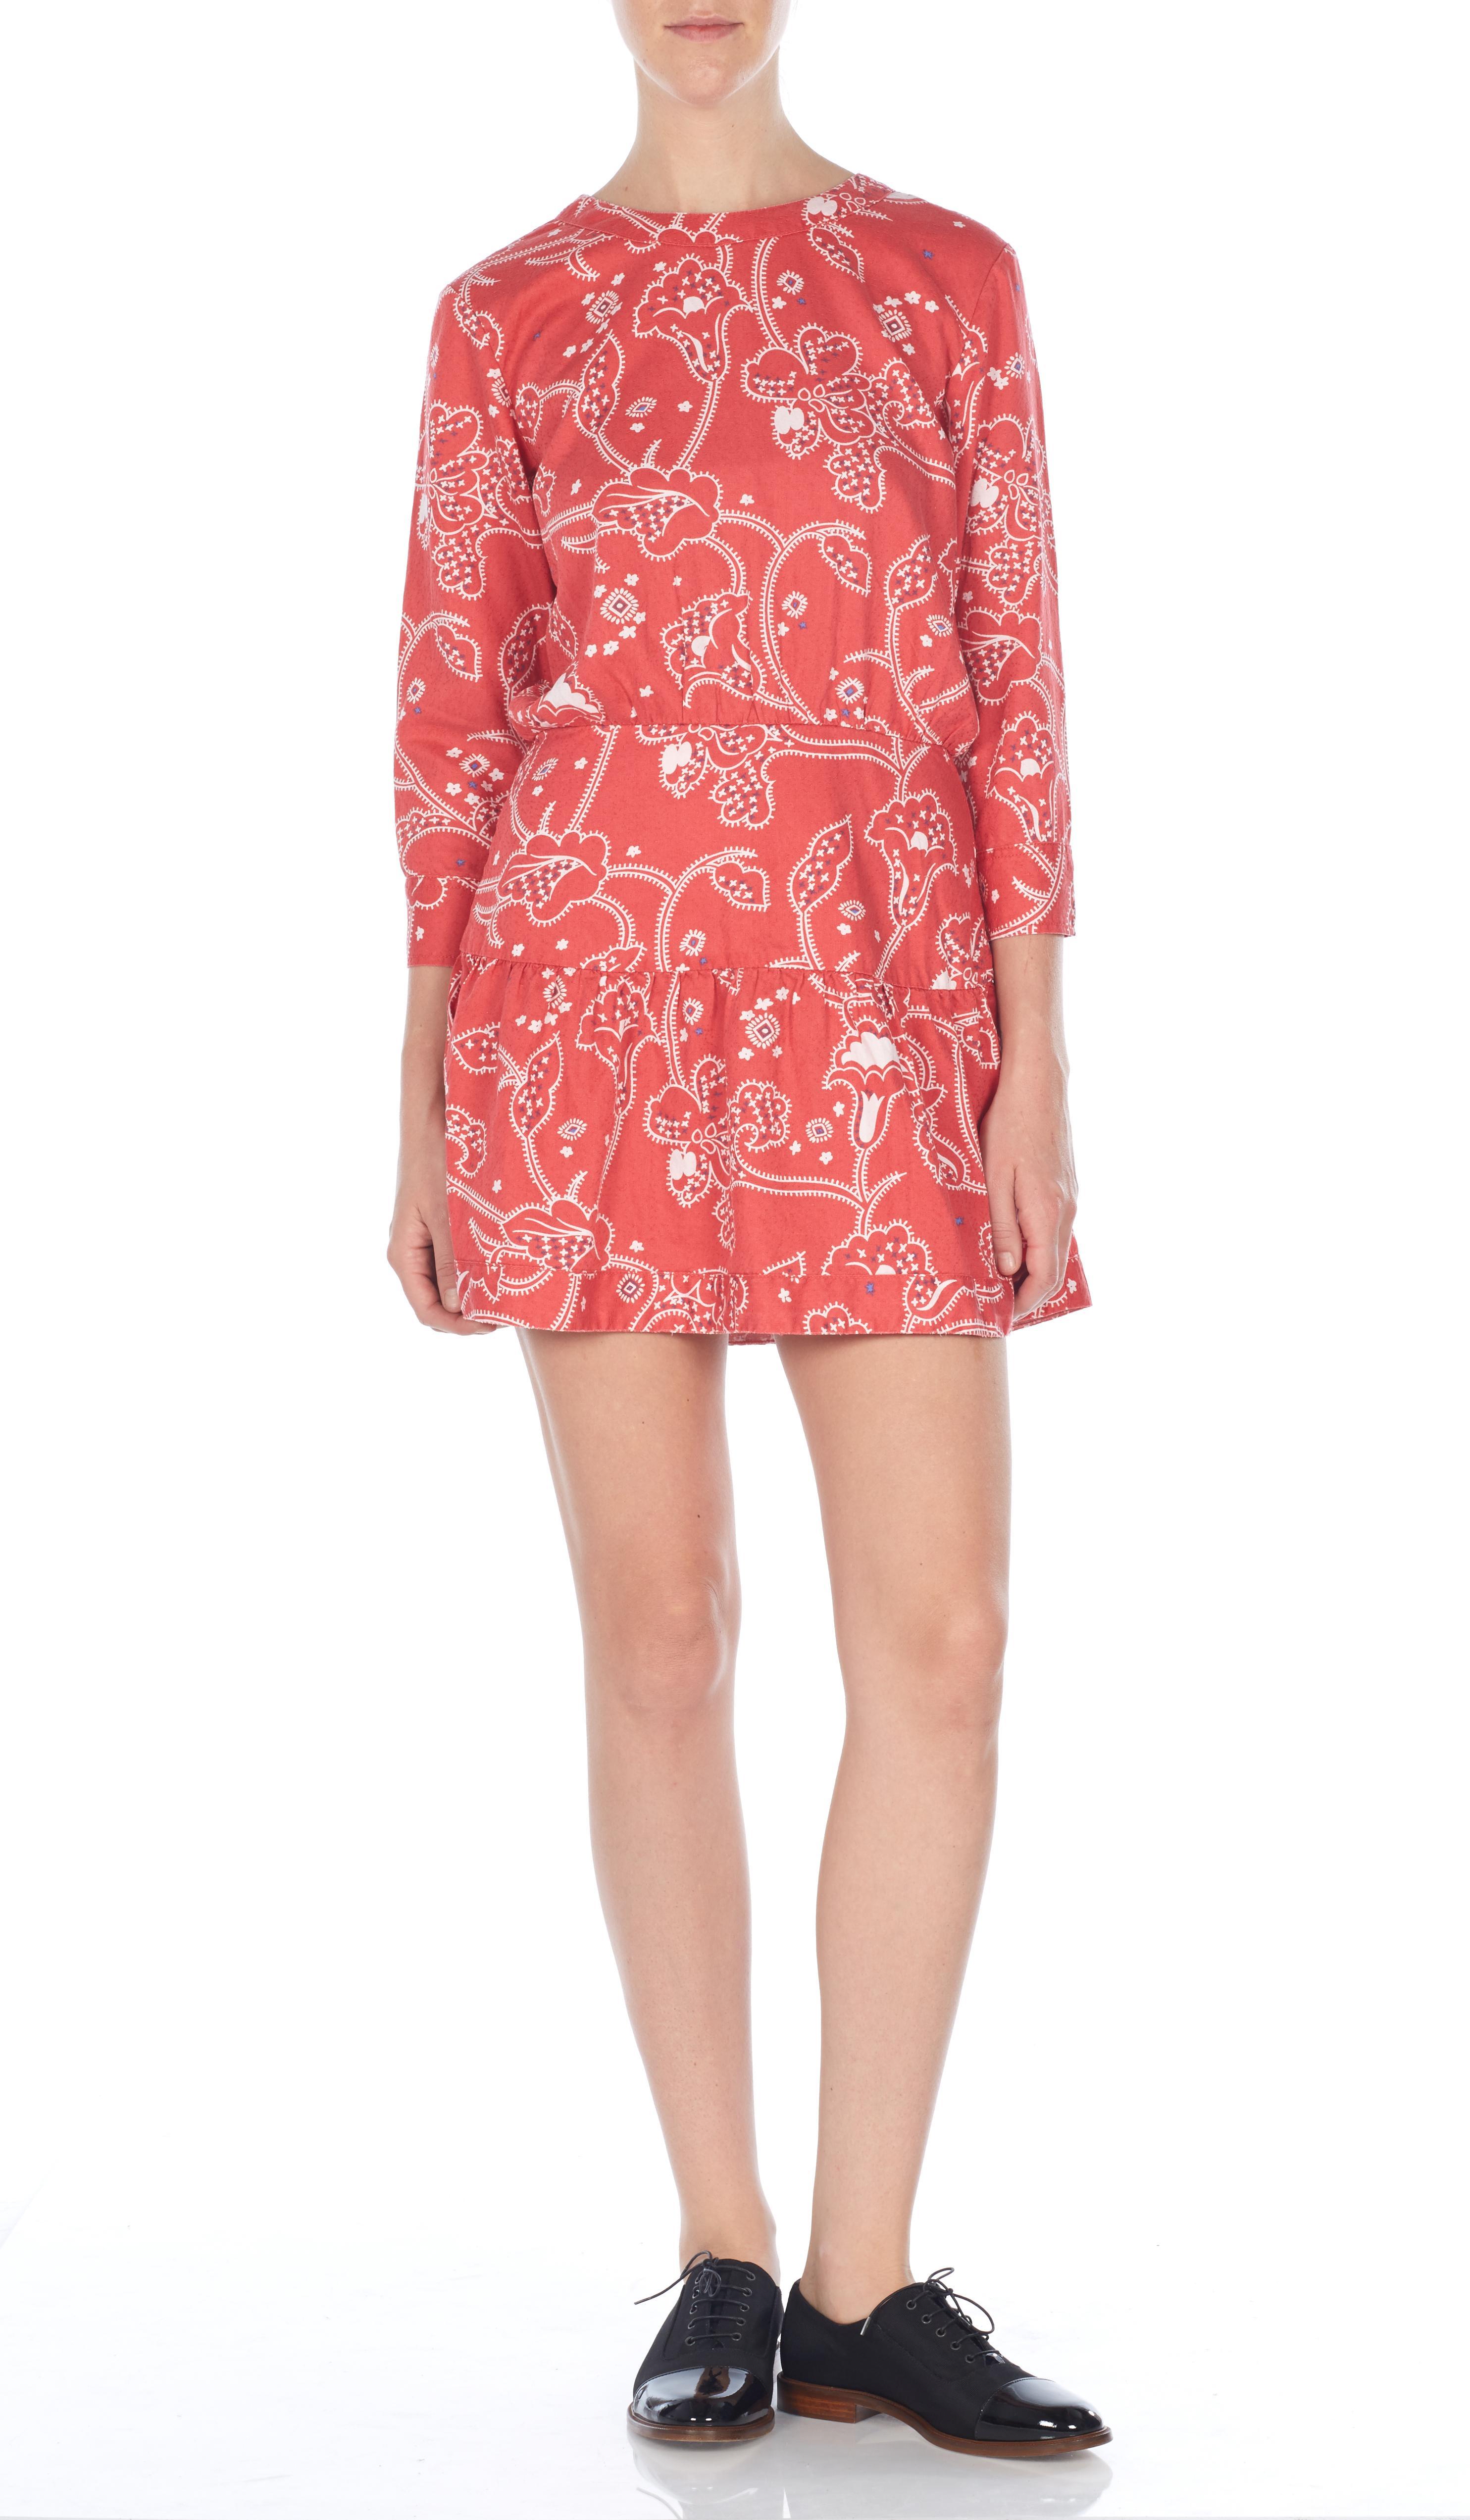 Dress bandana print 3351-1618_CHRYSANTHEMUMBANDANAPAISLEY_FRONT_22704